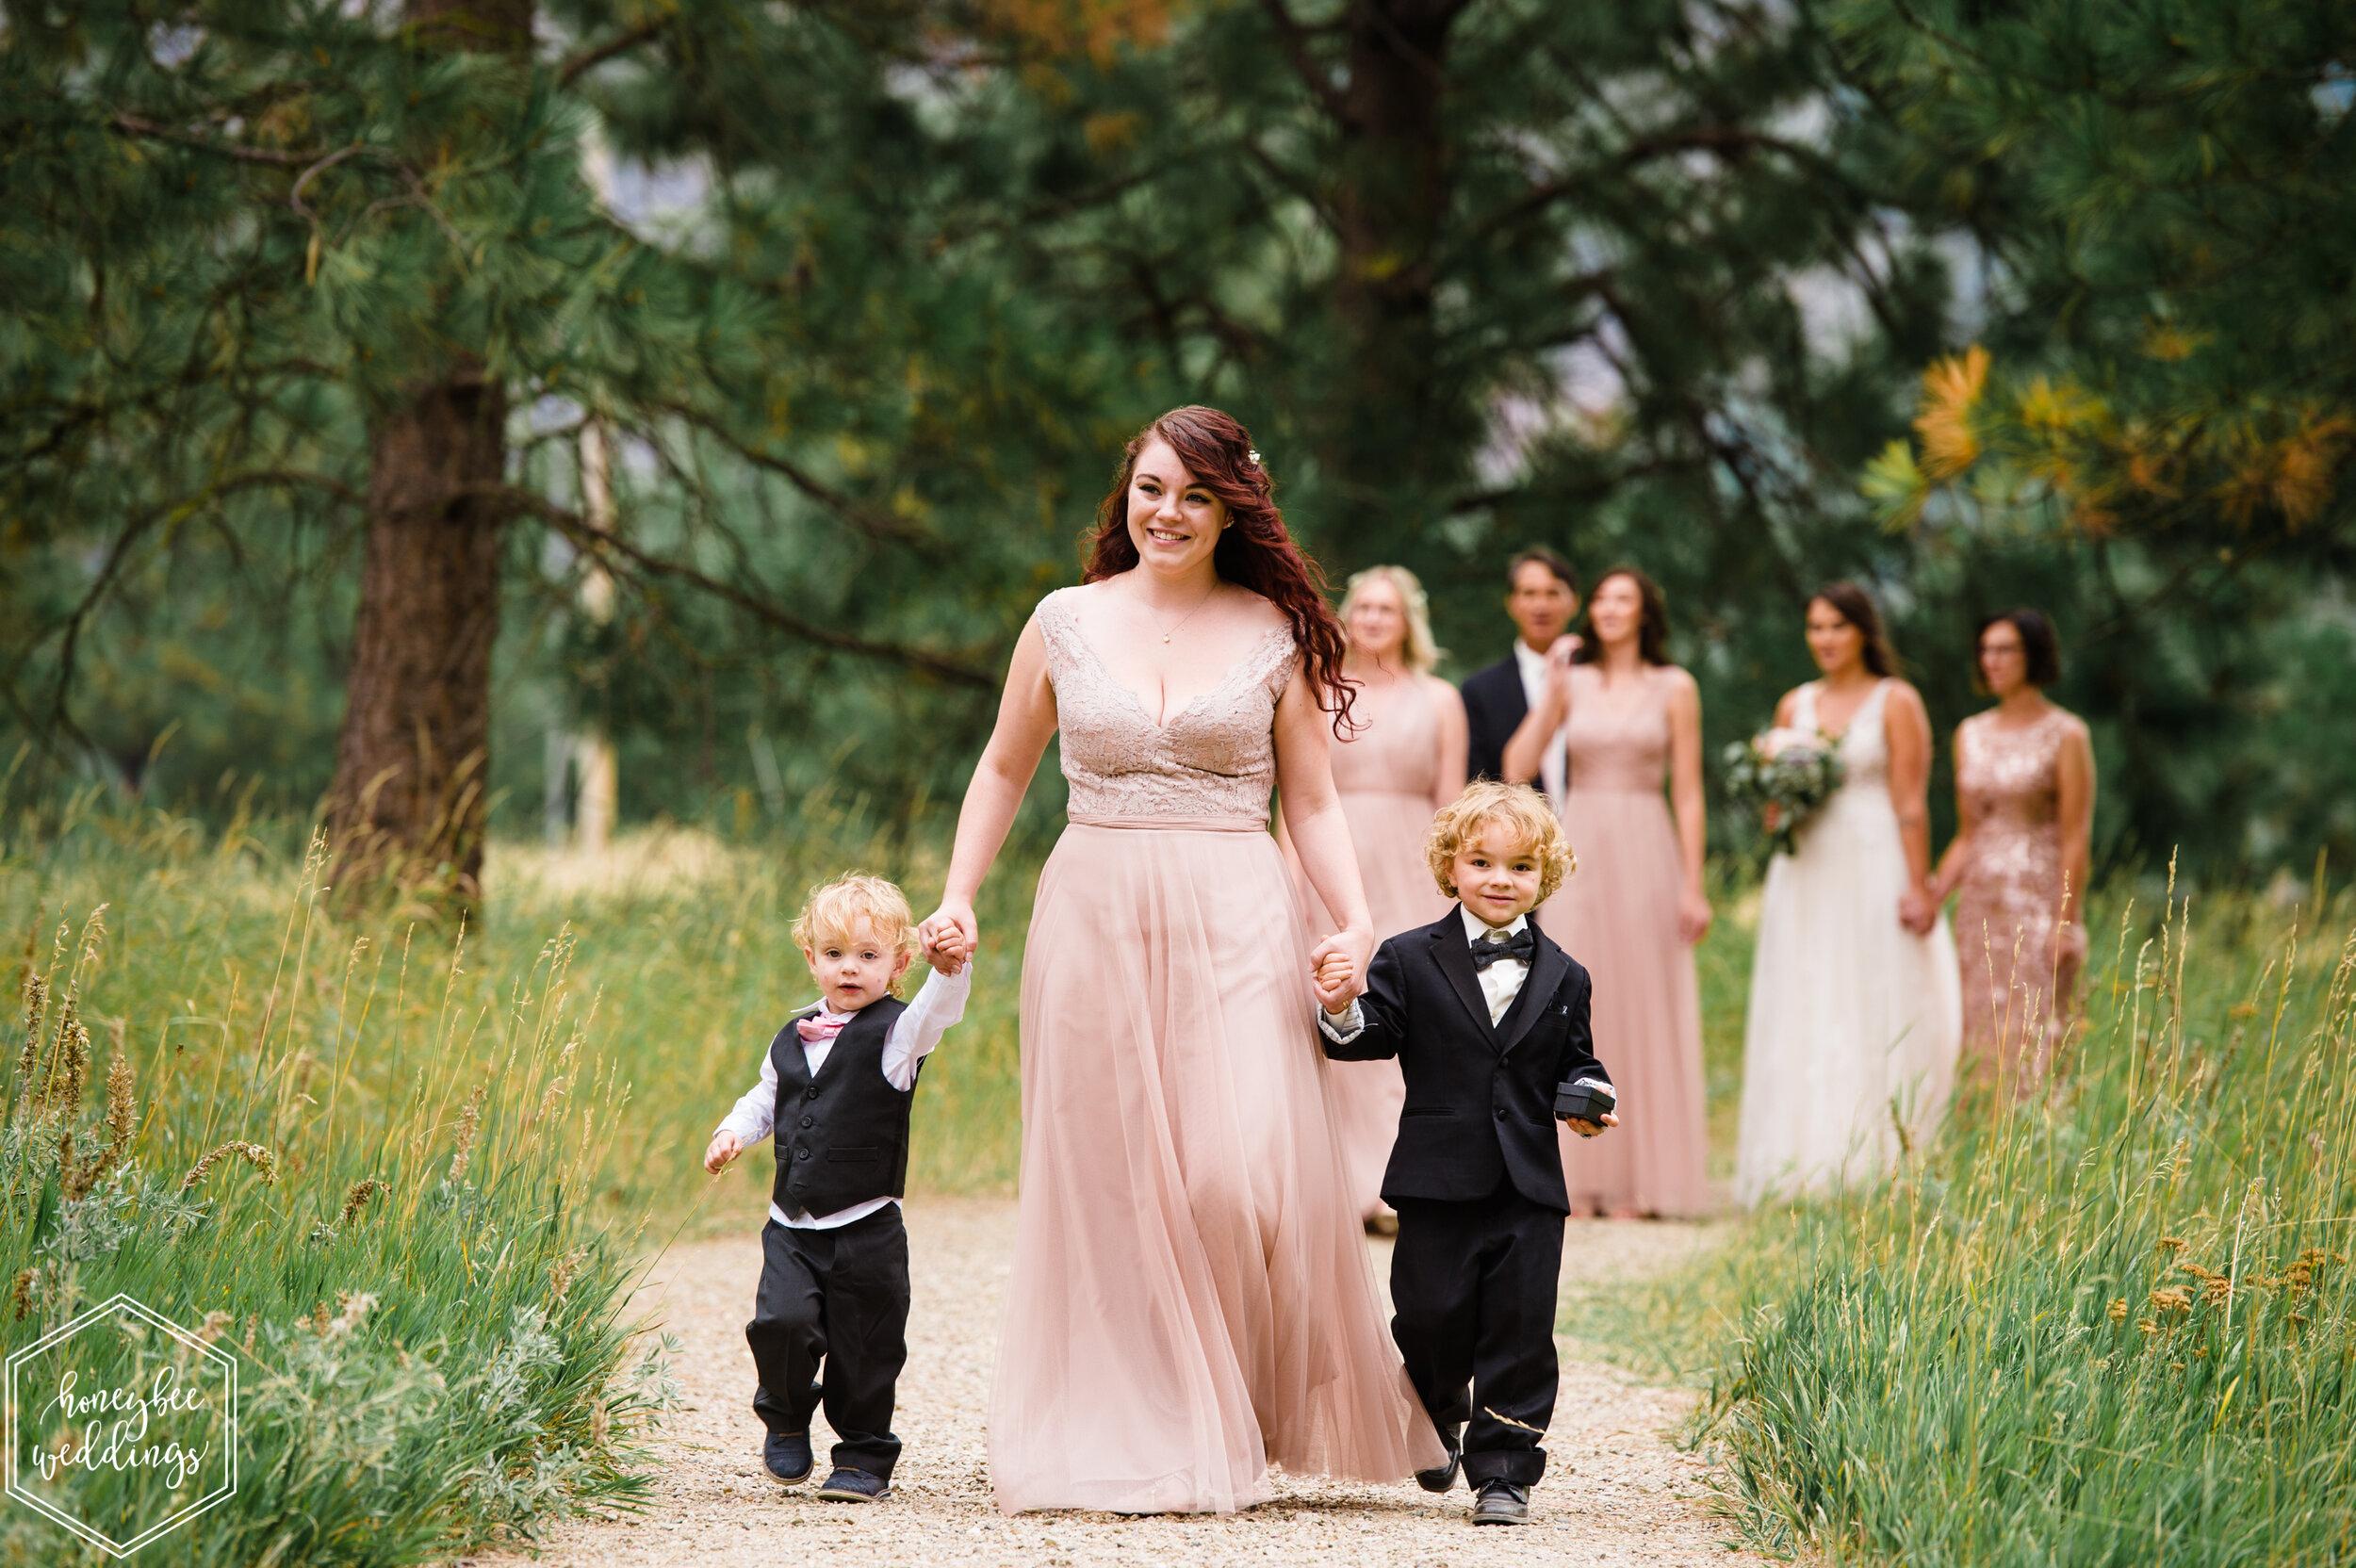 049White Raven Wedding_Montana Wedding Photographer_Corey & Corey_Honeybee Weddings_September 06, 2019-428.jpg